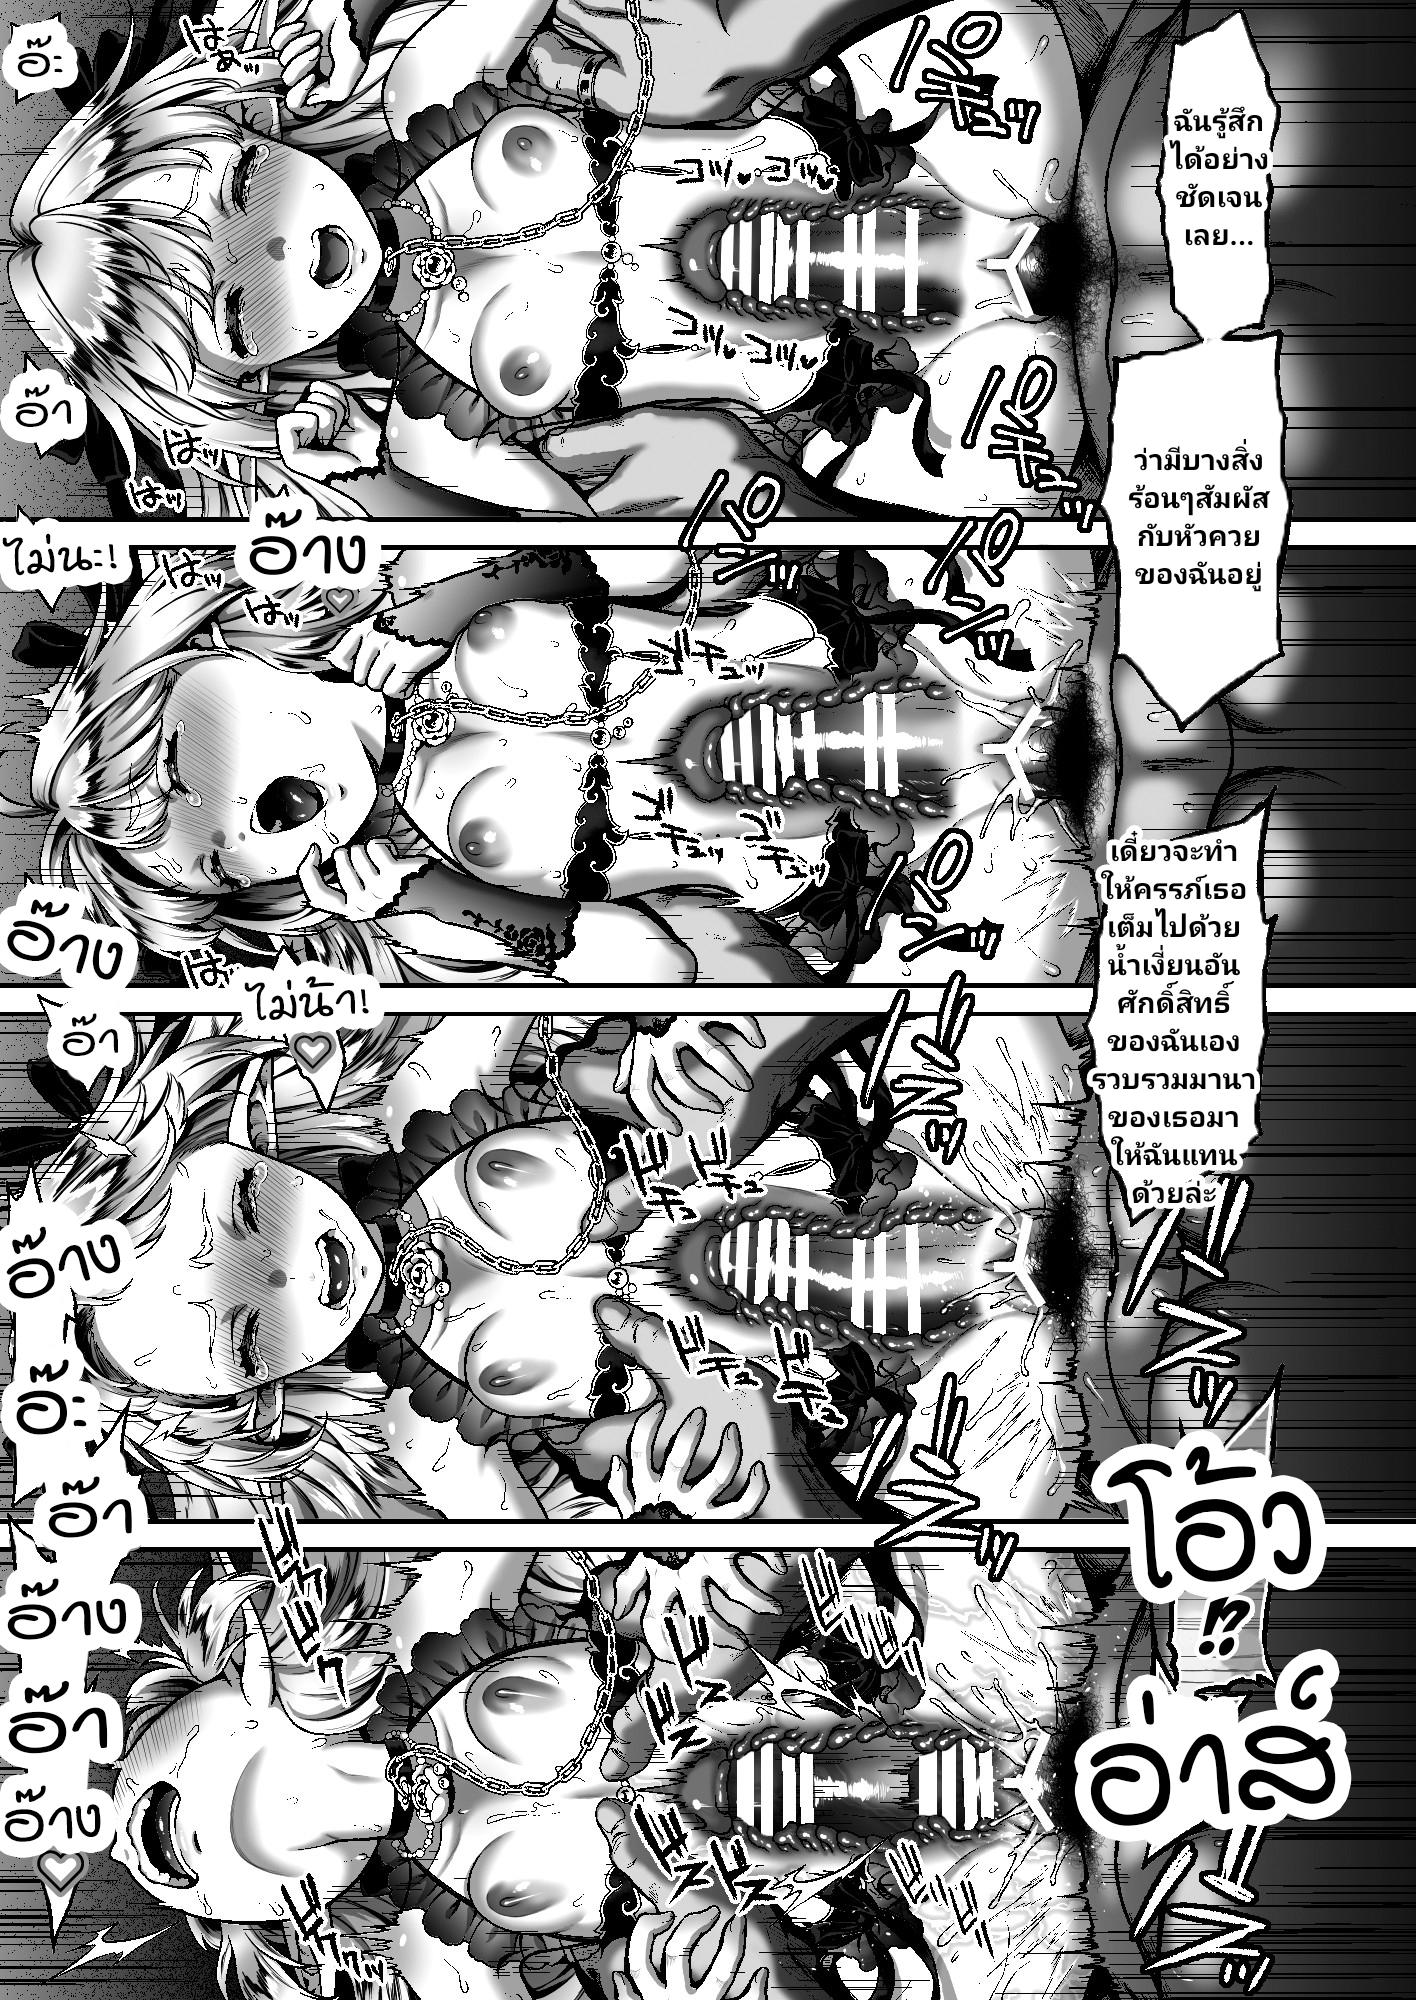 สิ้นศักดิ์ศรีโสเภณีไฮเอลฟ์ 6 - เนื้อเรื่องของเอ็มม่า ภาพ 14